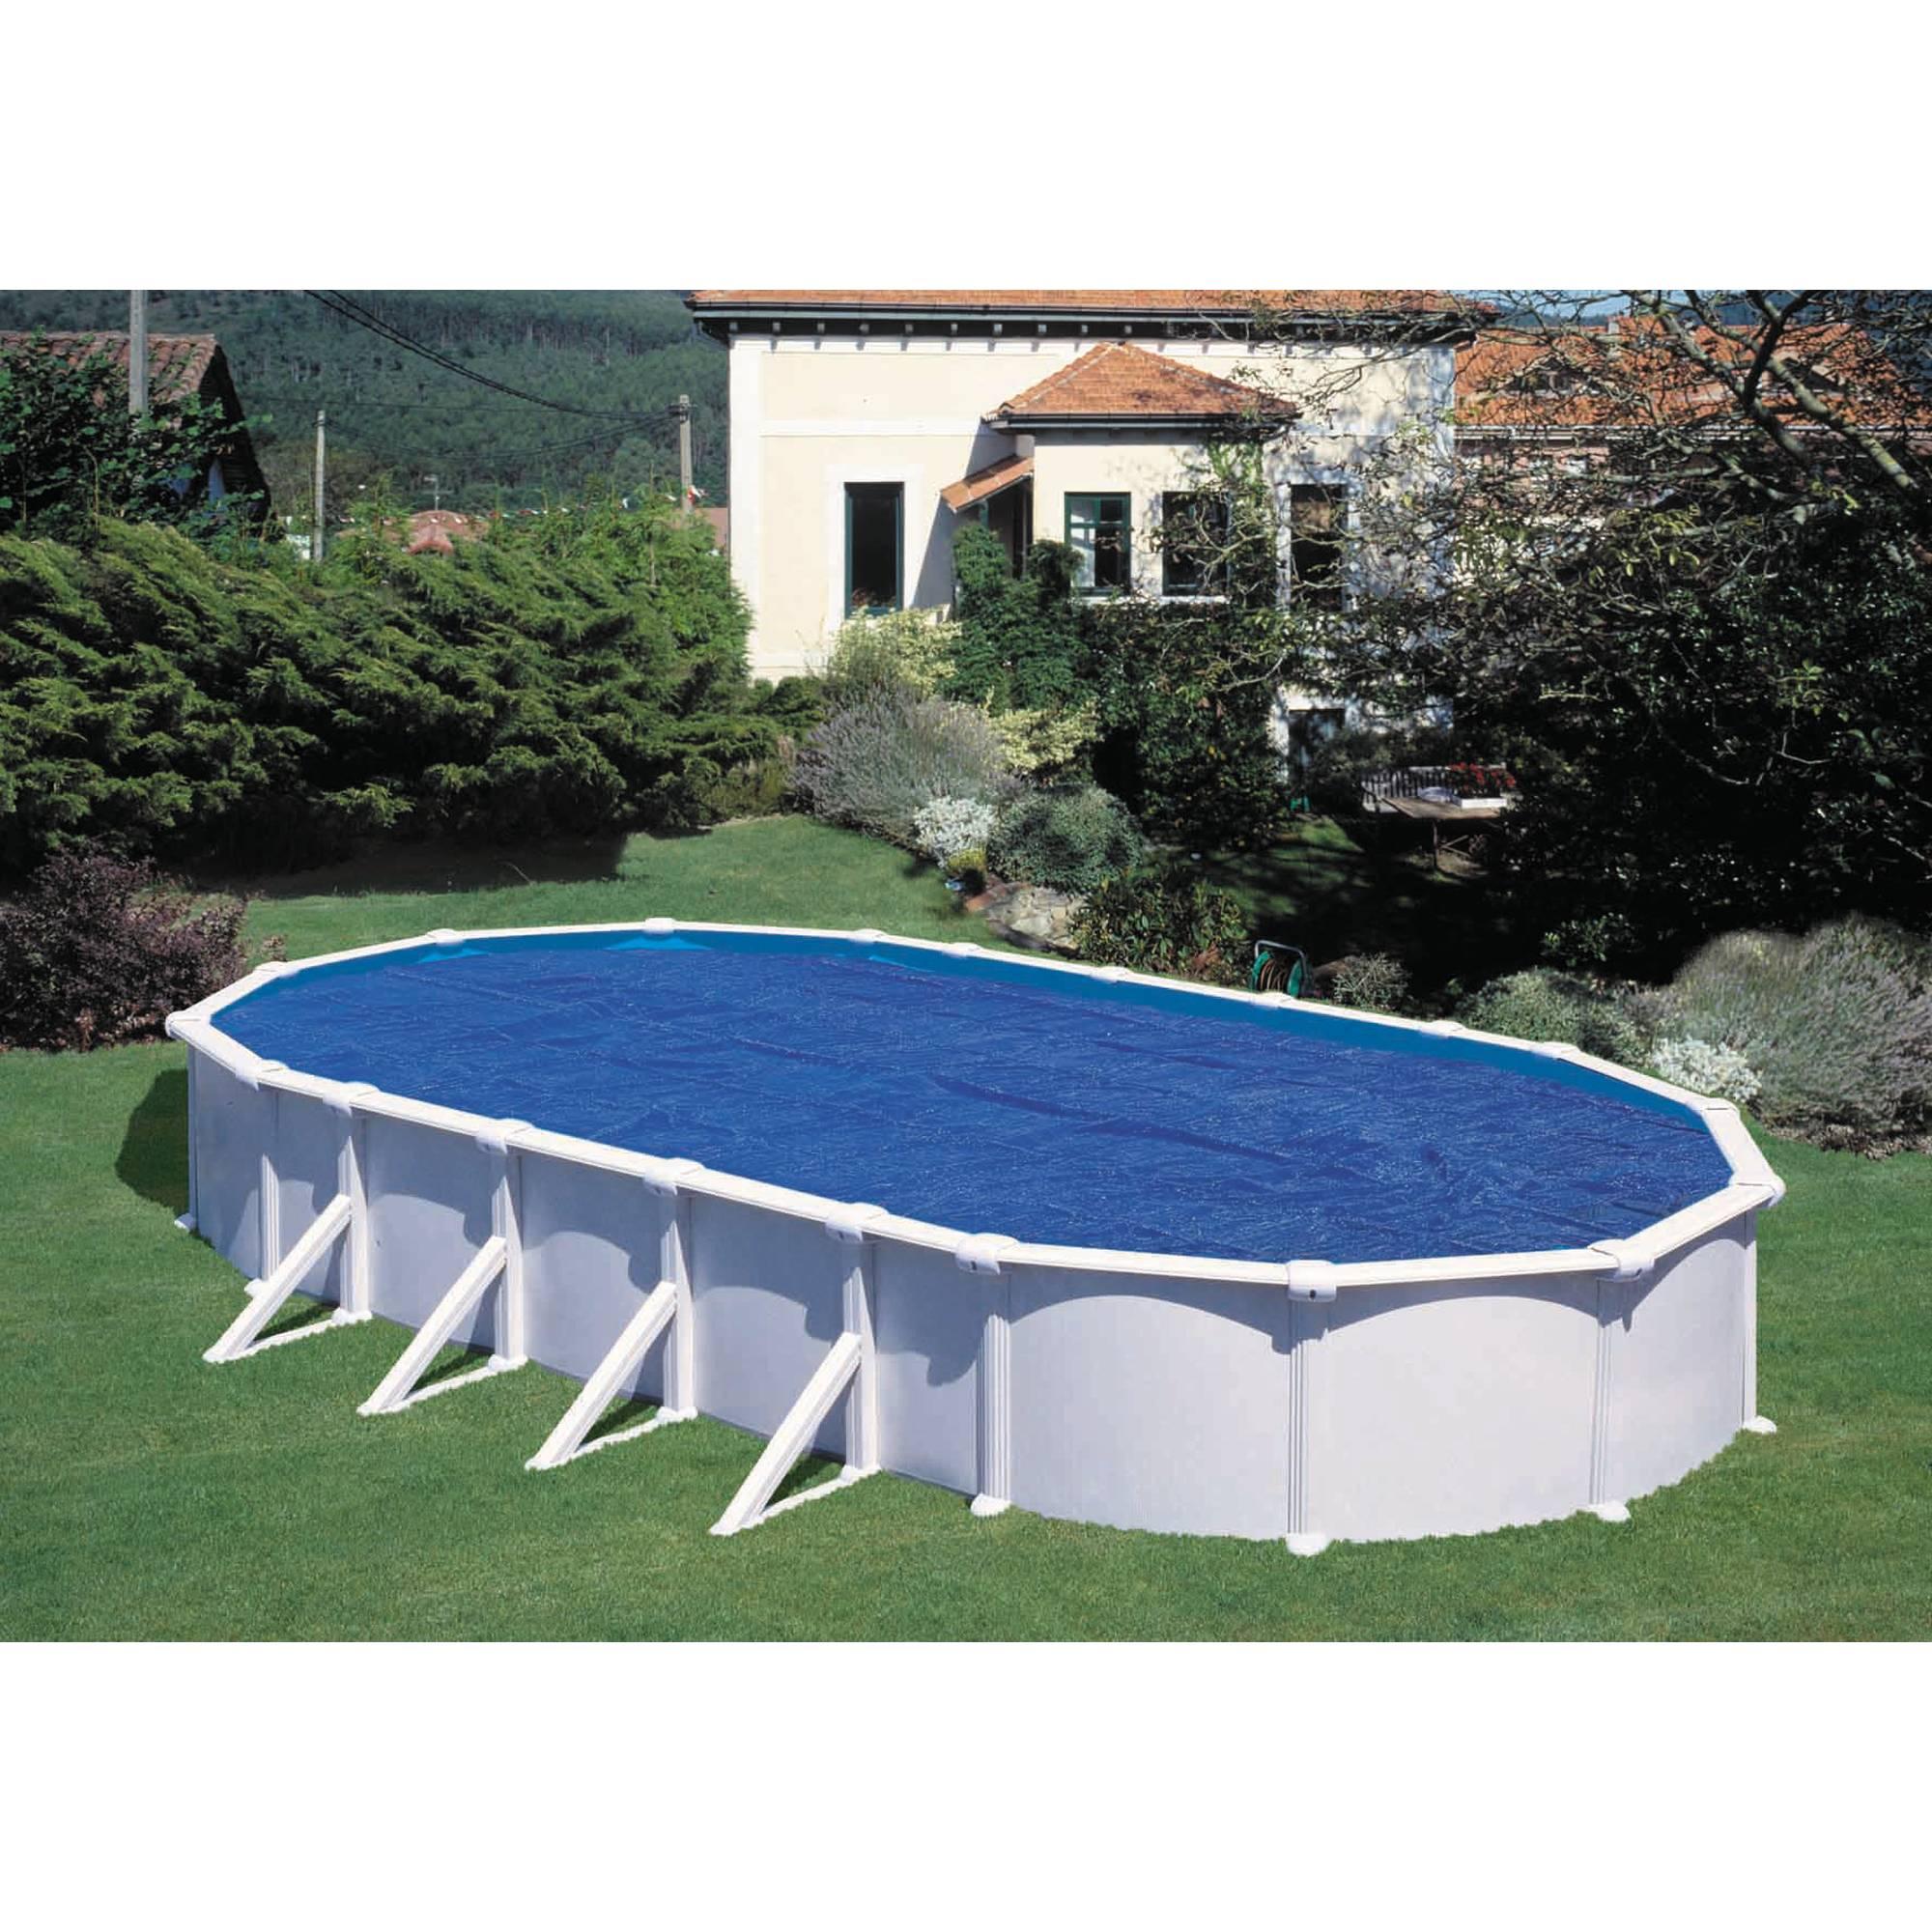 Extra-Solar-Abdeckung oval für Becken 700x350 cm, 230µ